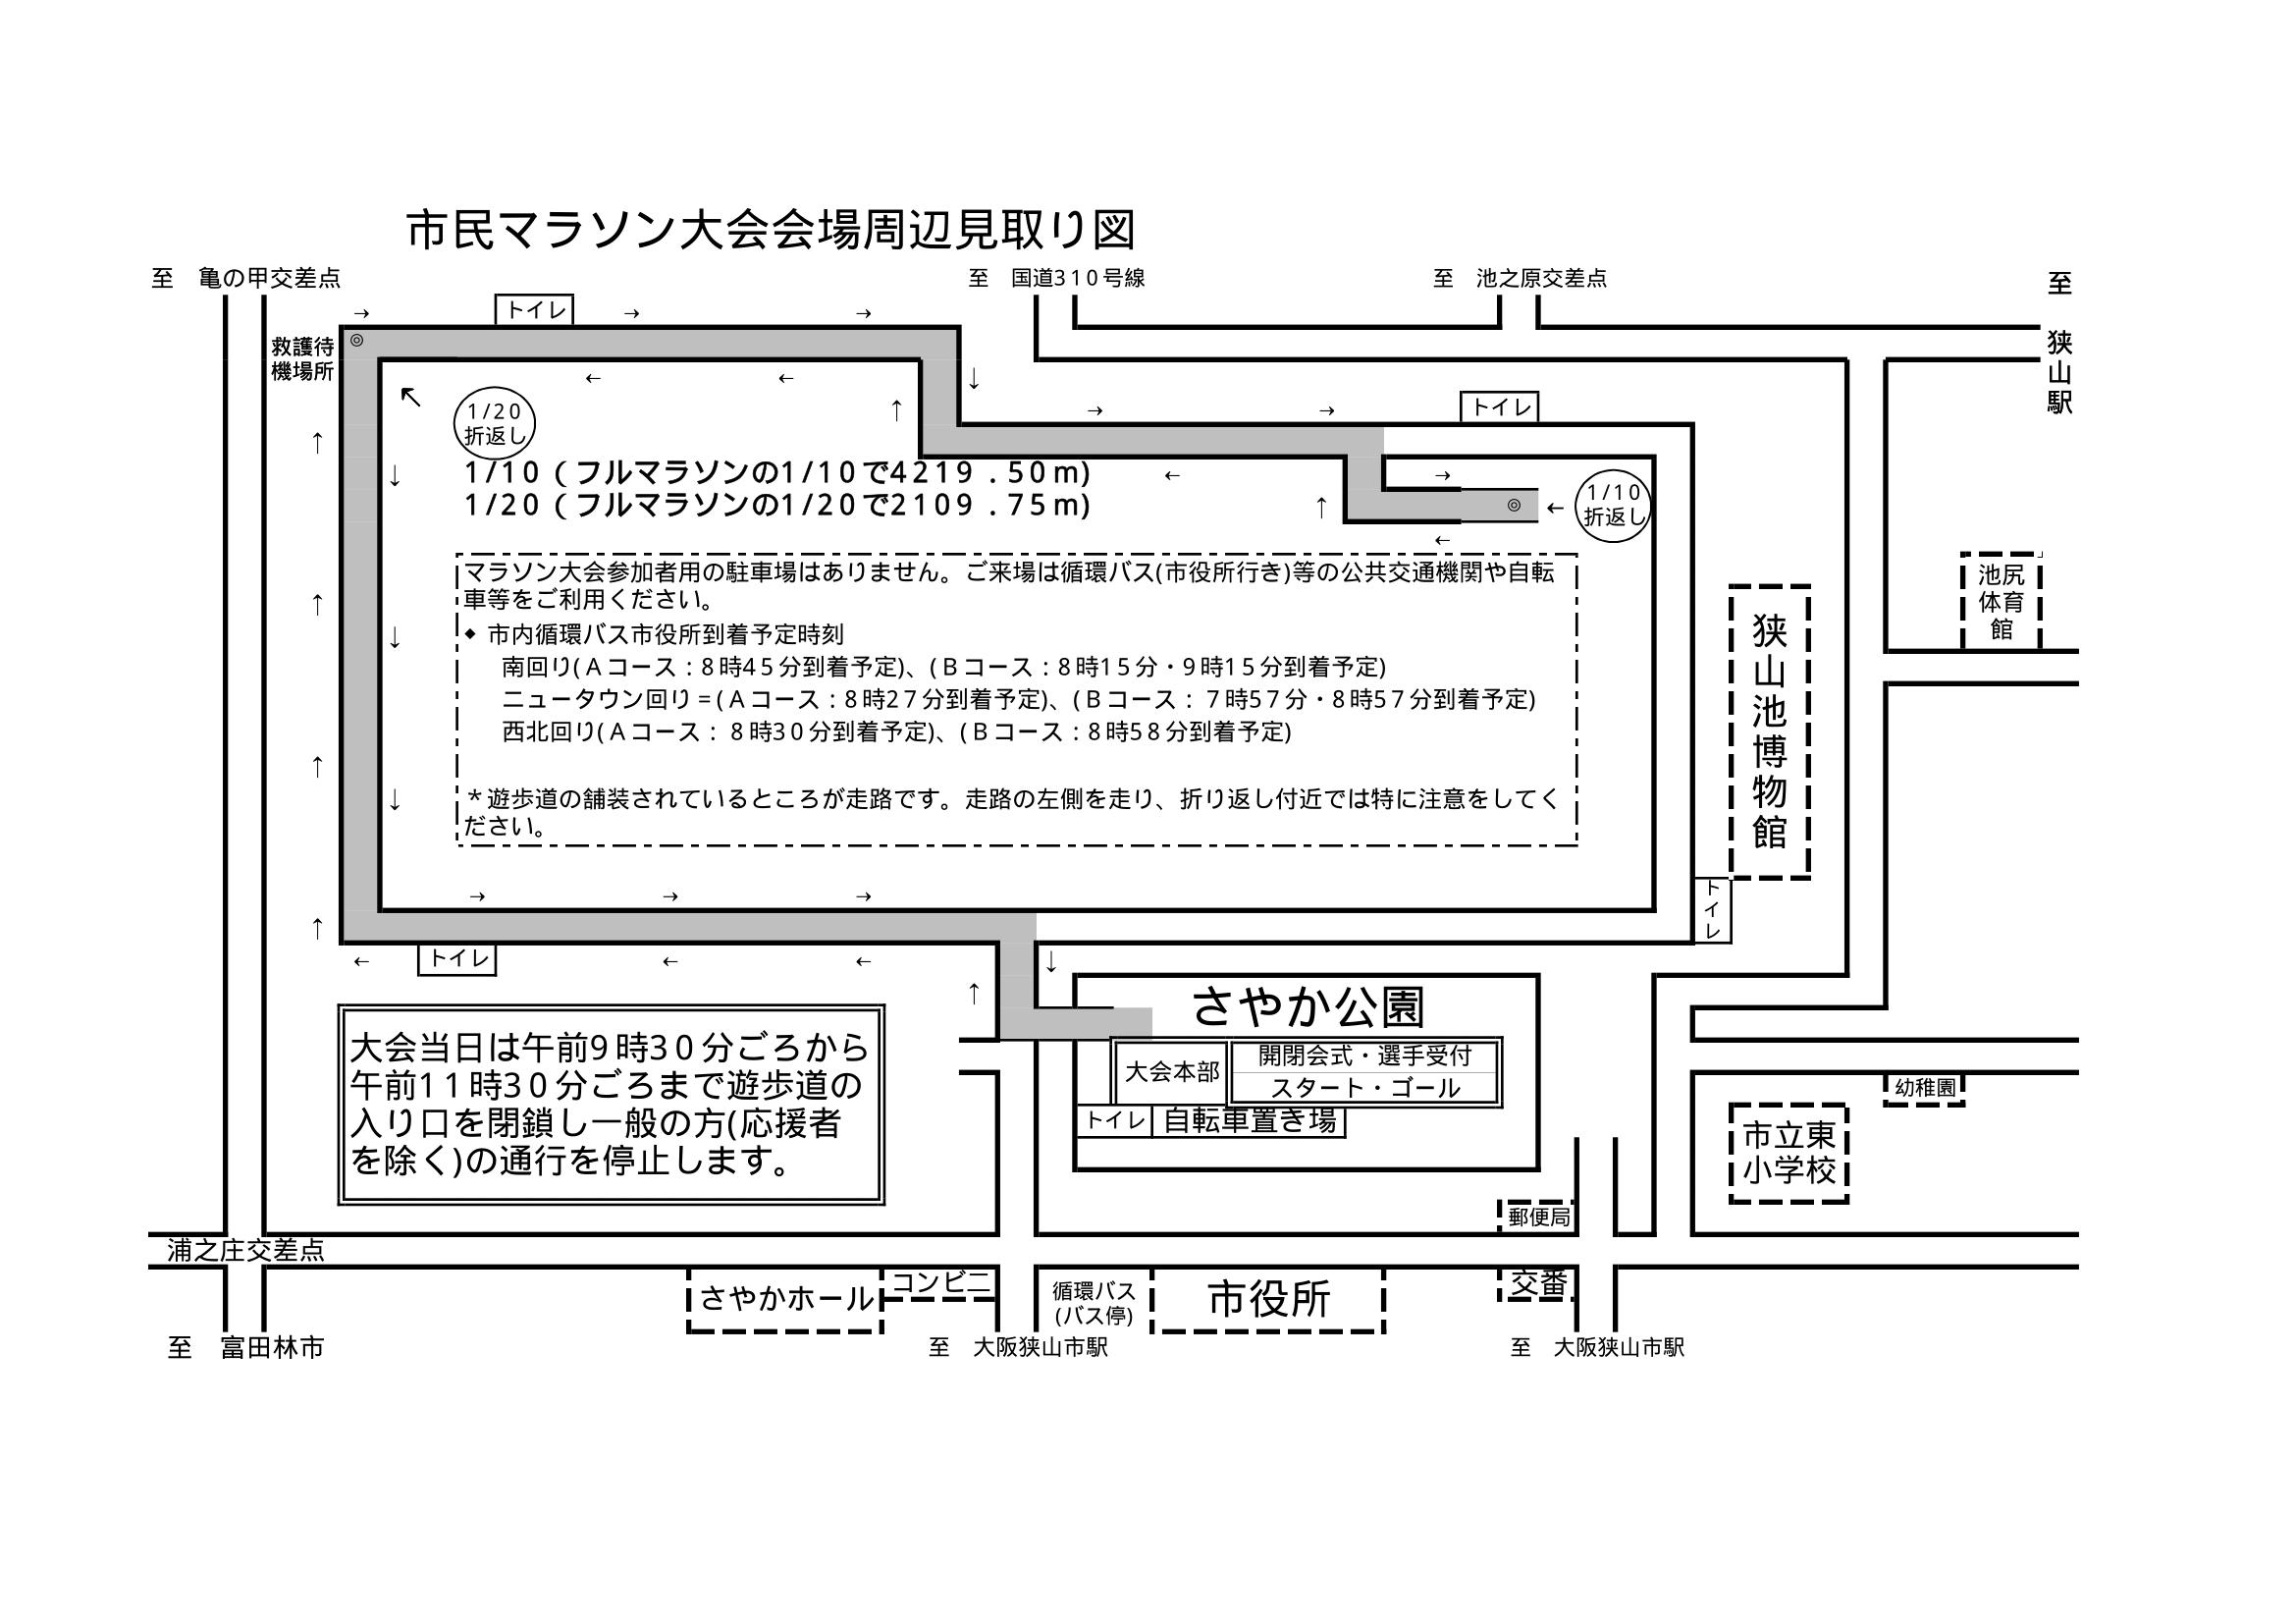 第45回大阪狭山市民マラソン大会見取り図